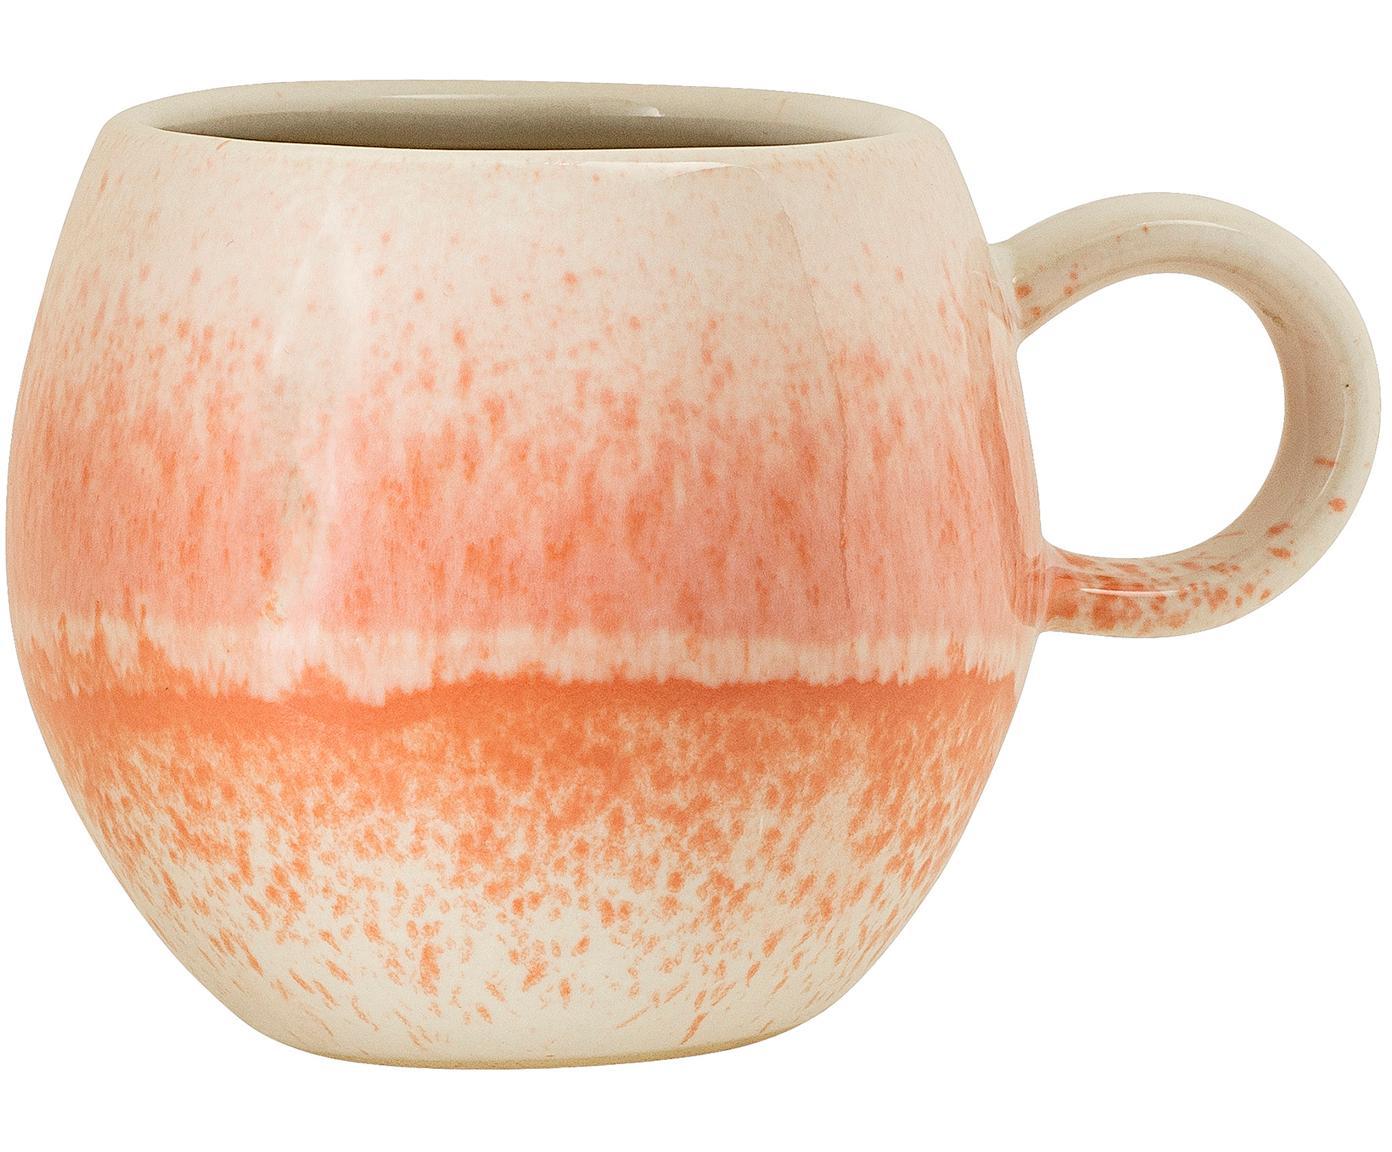 Mok Paula, Keramiek, Oranje, crèmekleurig, Ø 9 x H 8 cm